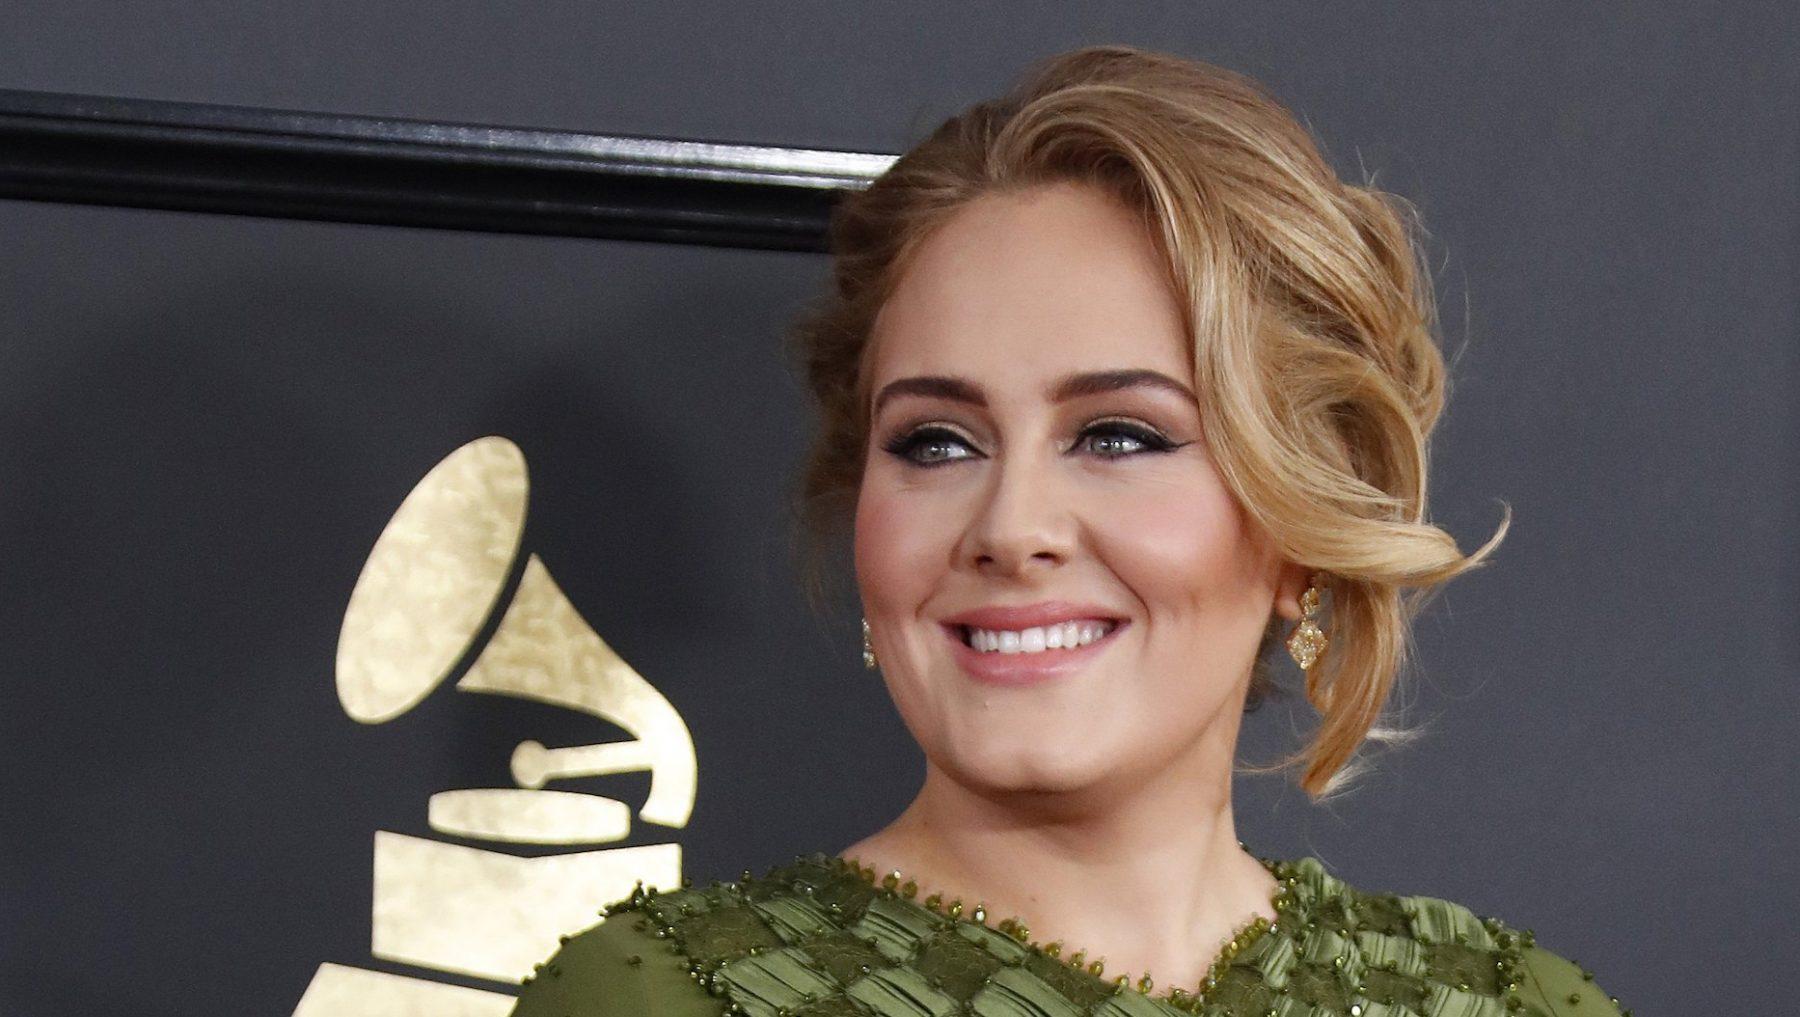 Zo, 'helló': afgevallen Adele 'bijna onherkenbaar' op feestje